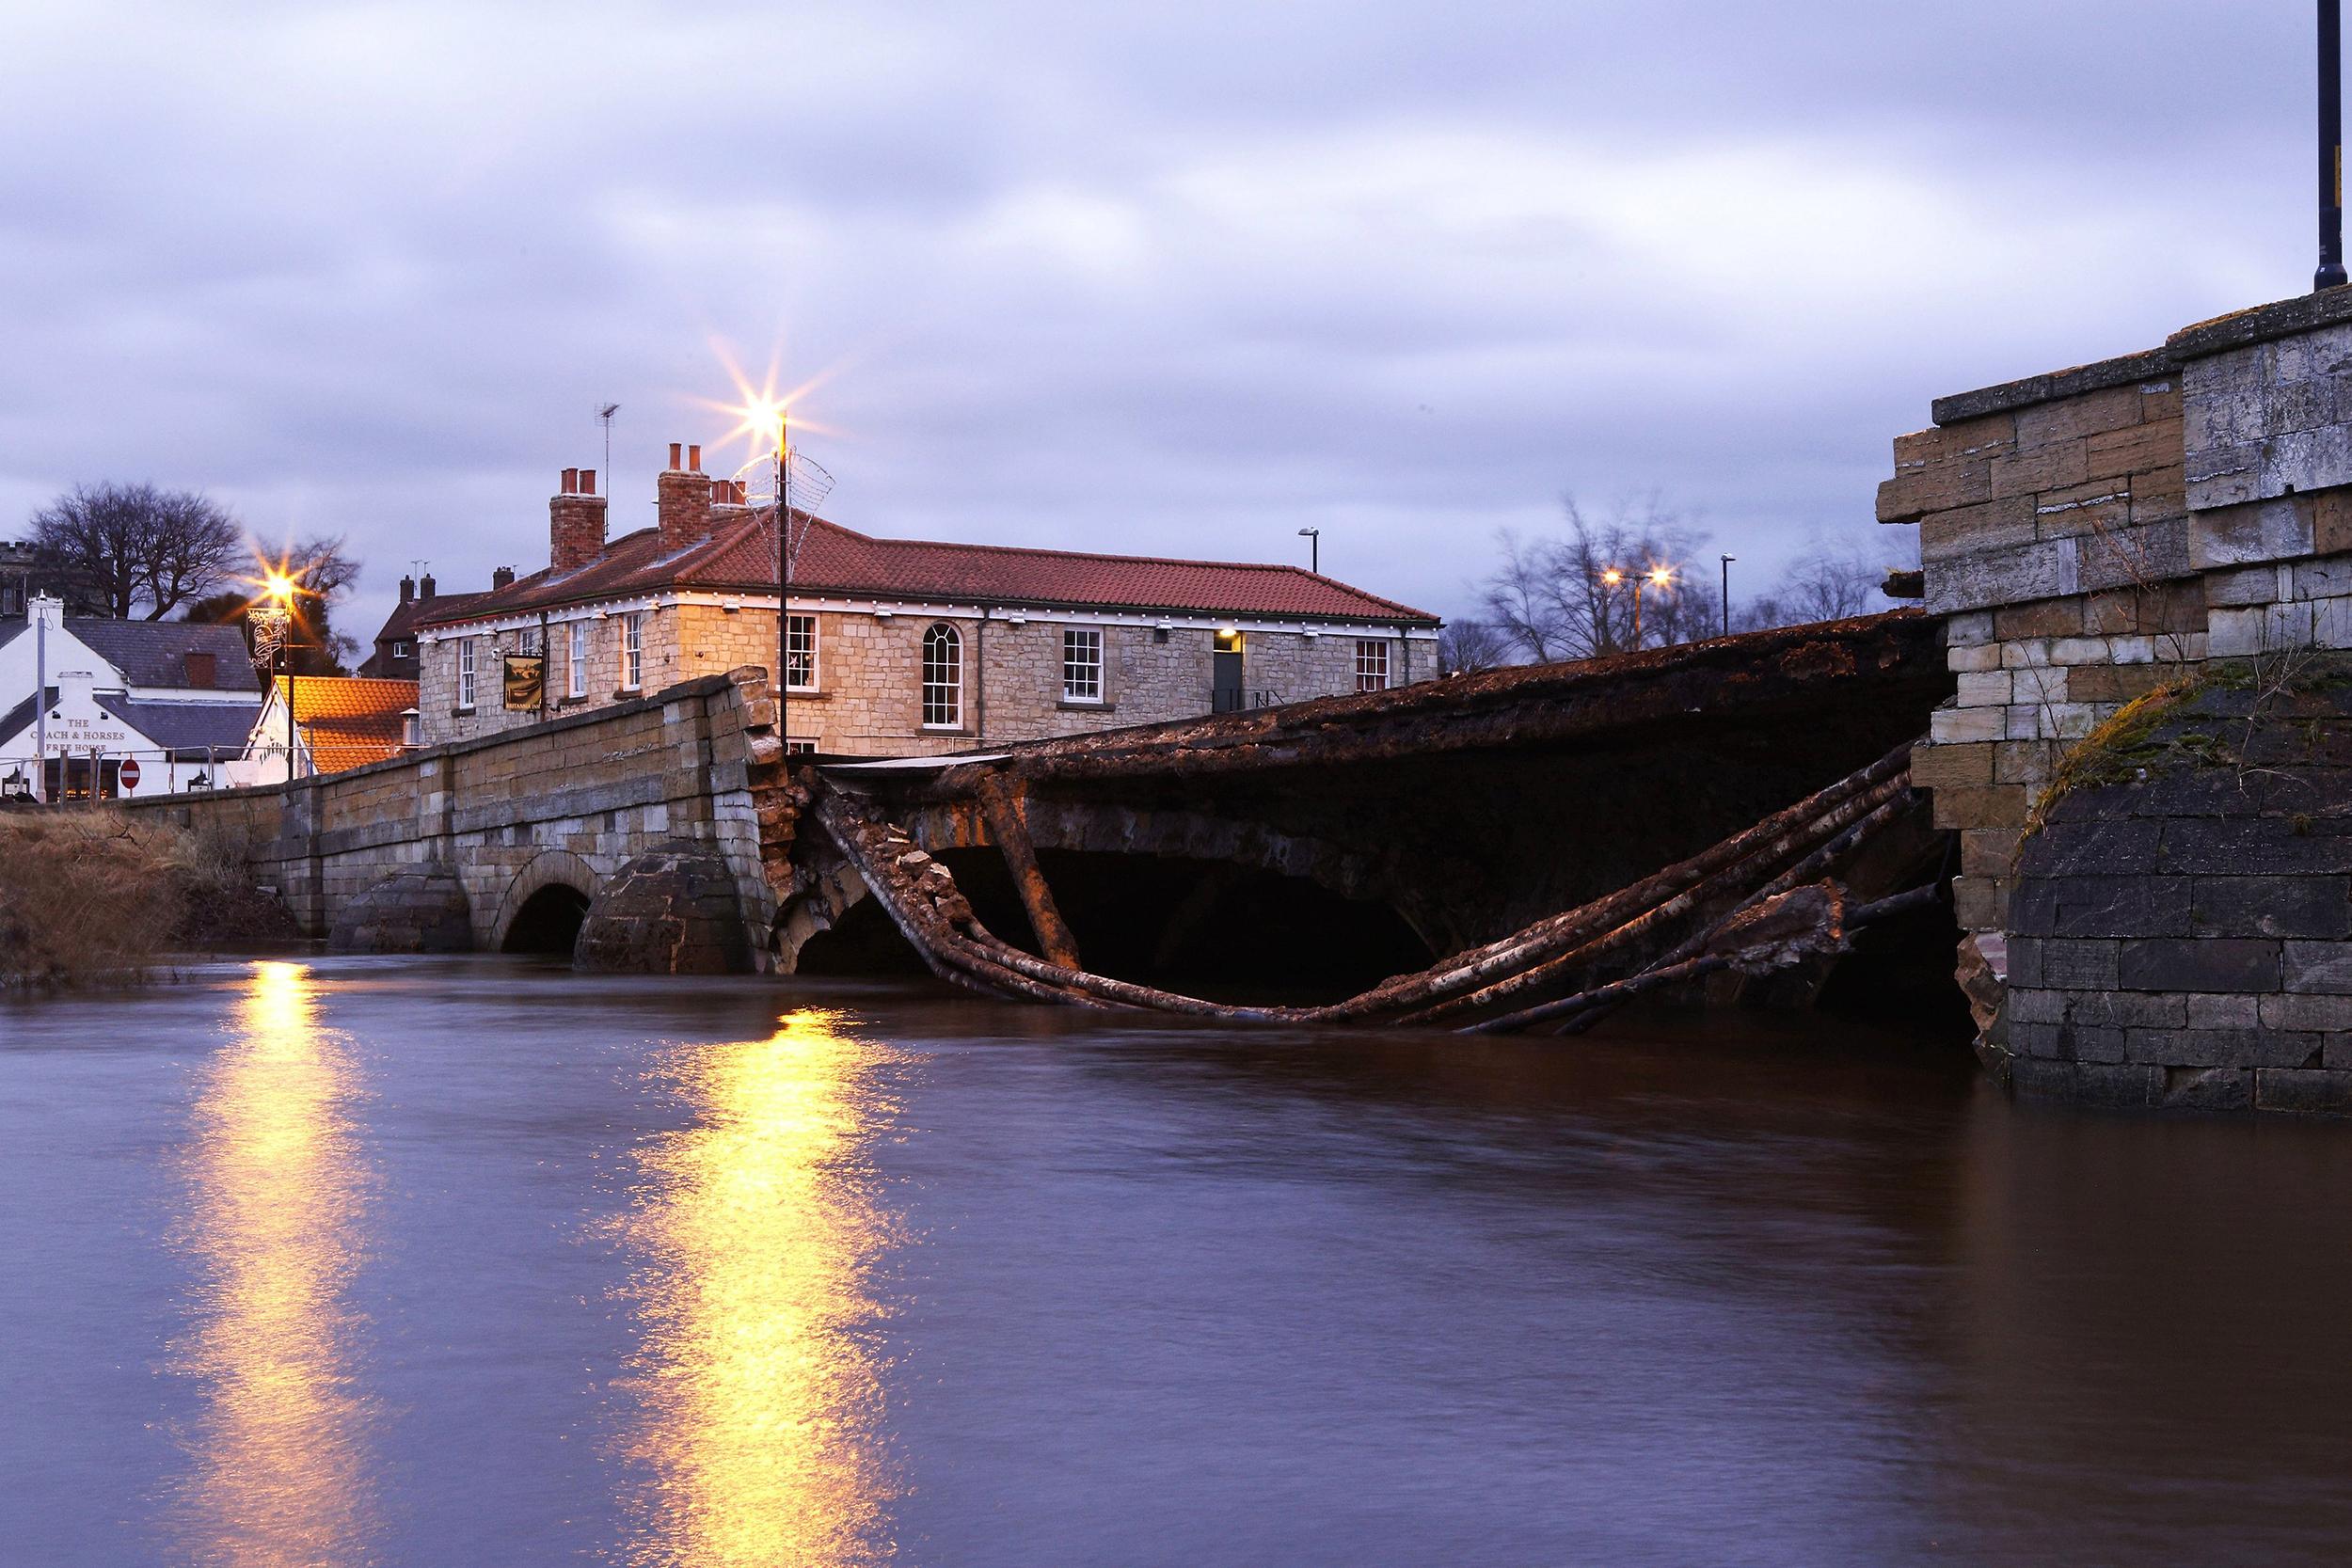 Raging Floodwaters Destroy Historic British Bridge